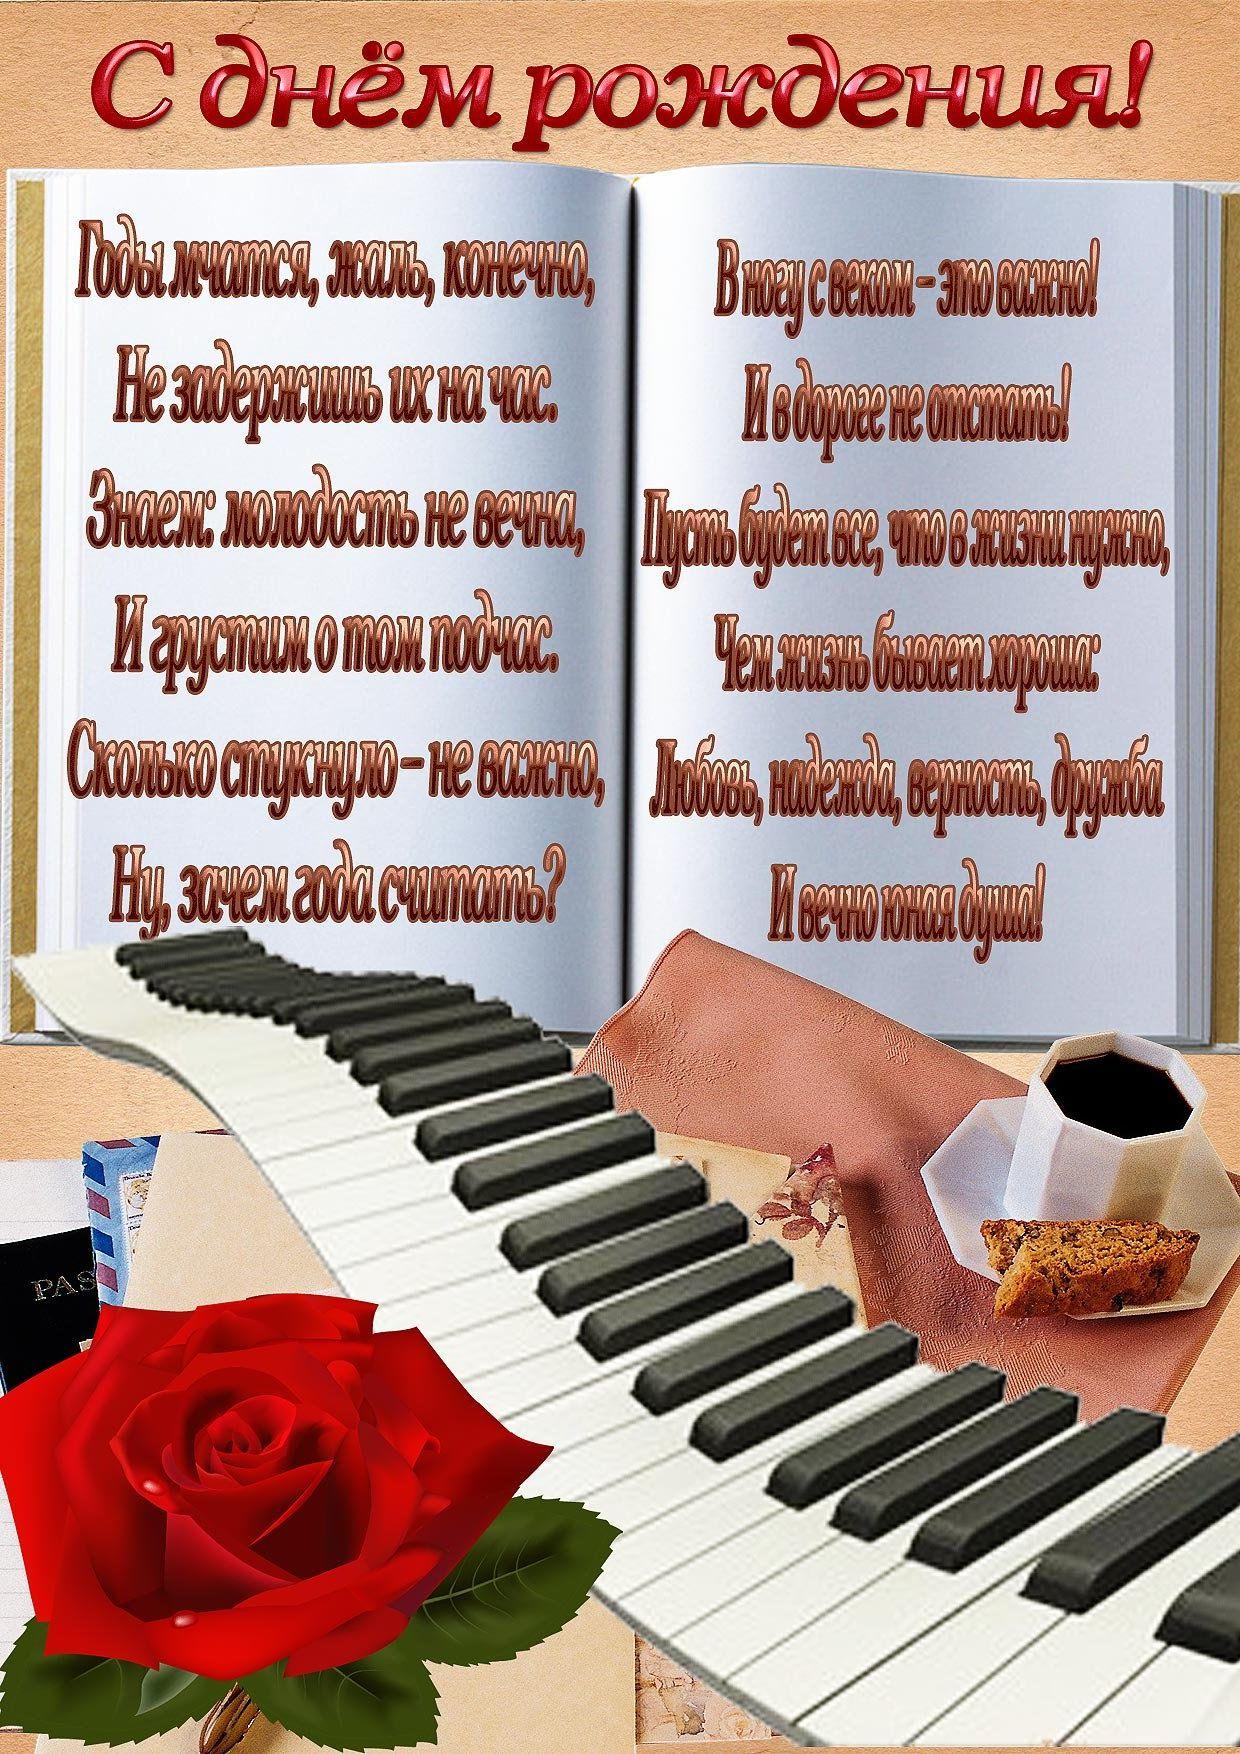 Поздравление с юбилеем музыка